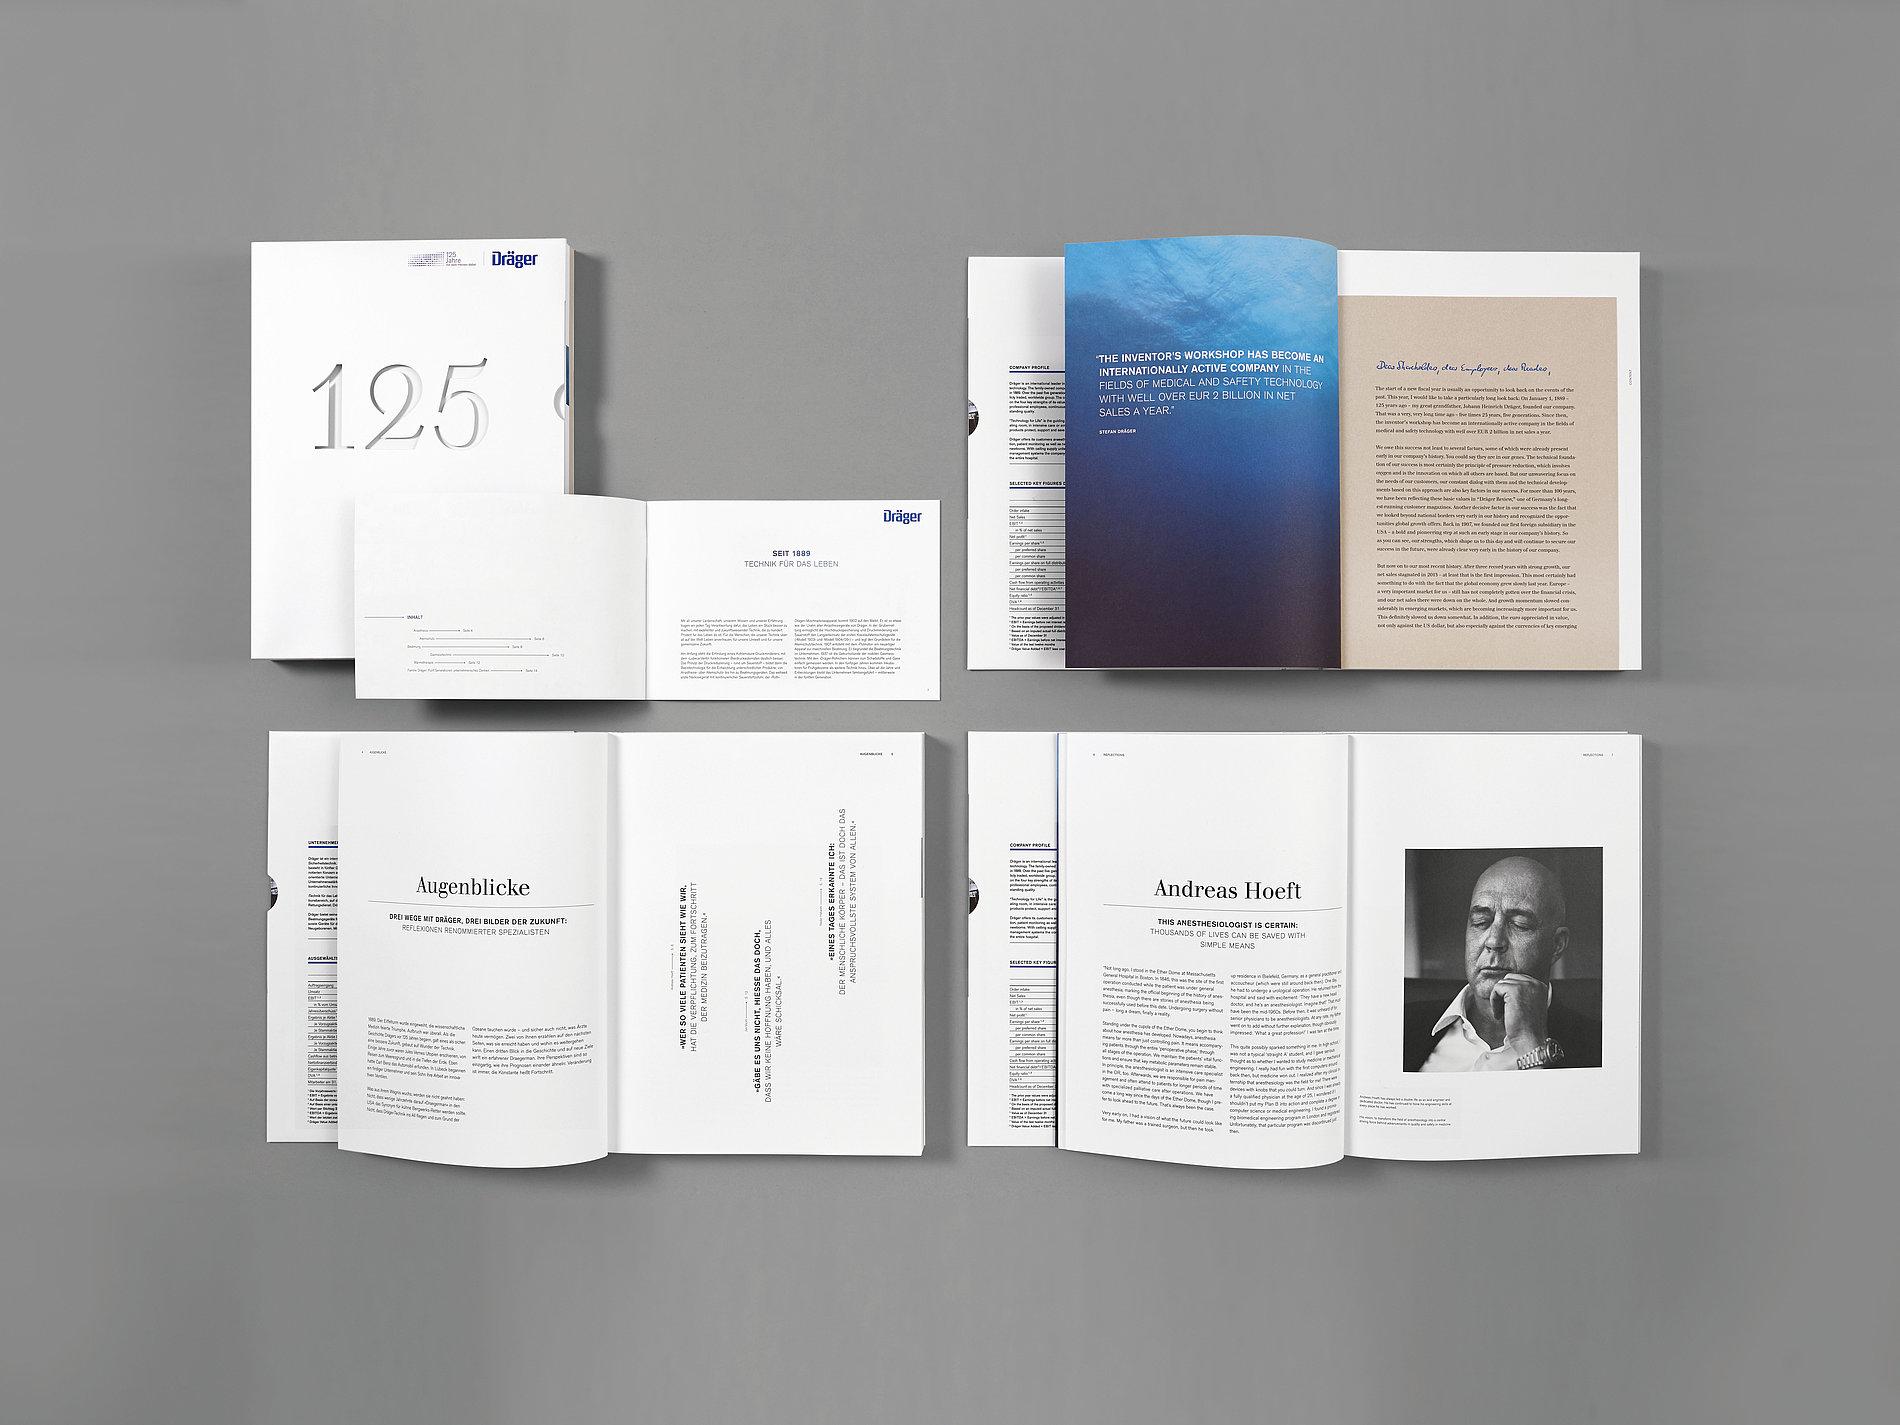 Dräger Annual Report 2013   Red Dot Design Award